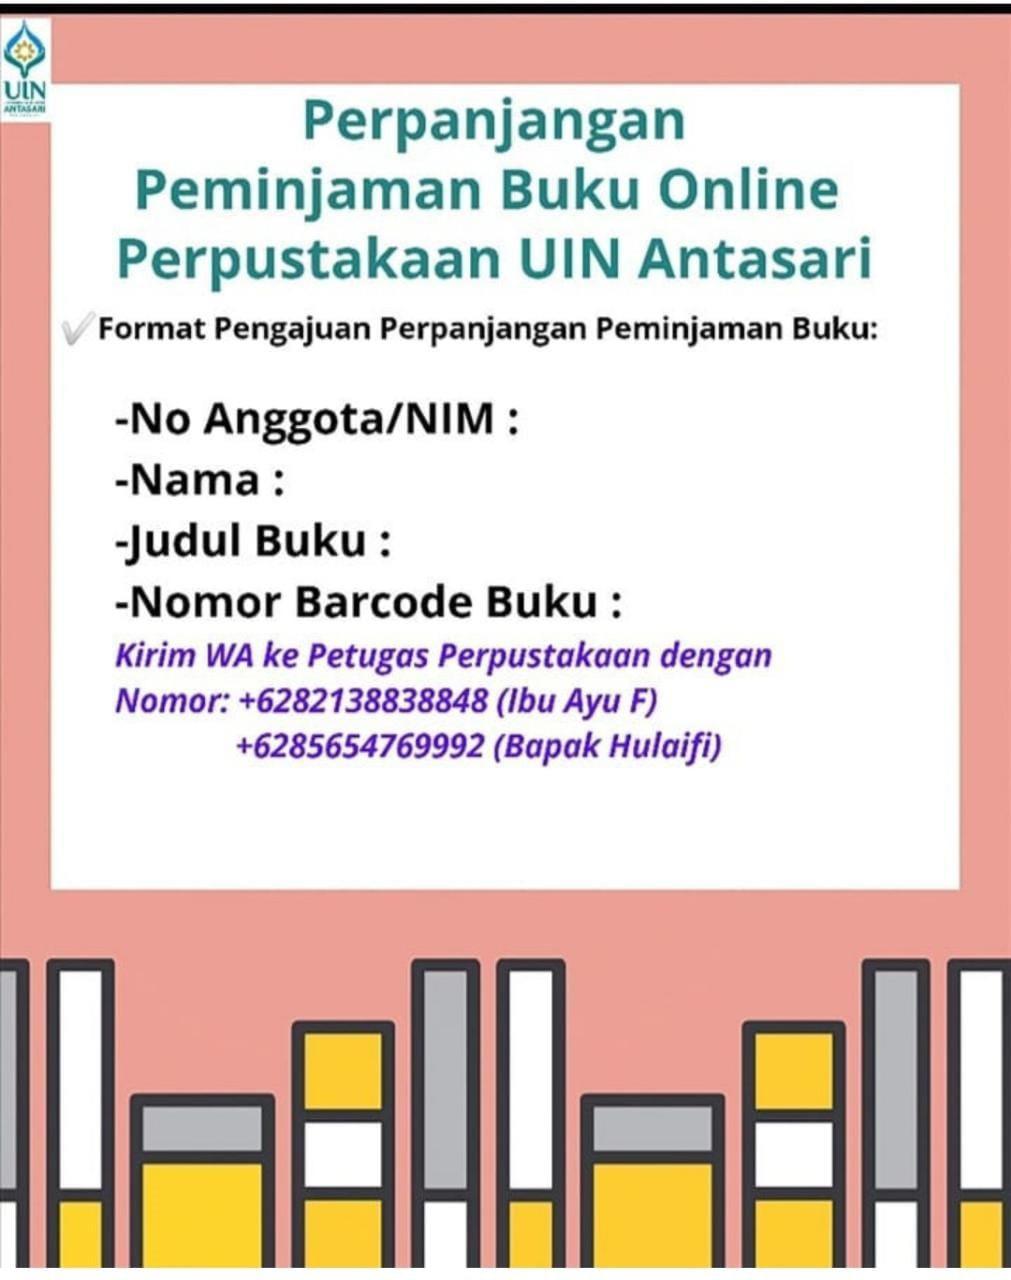 Layanan Perpanjangan Peminjaman Buku Secara Online Perpustakaan UIN Antasari Banjarmasin